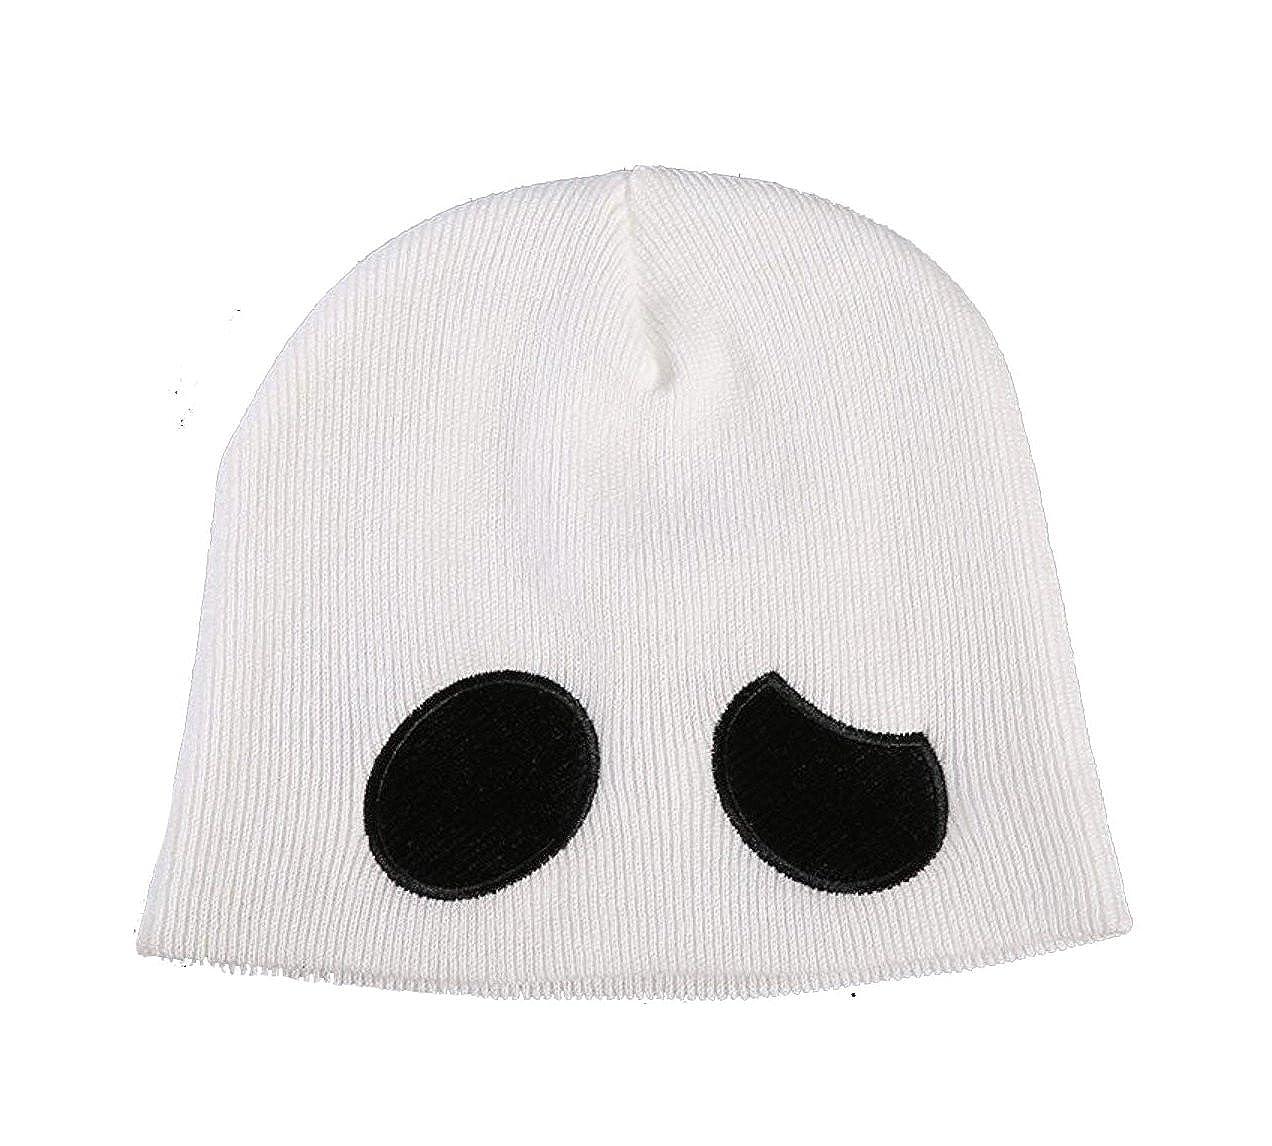 56f22f2203d Moniku Team Skull Grunt Embroidered Beanie Knit Cap